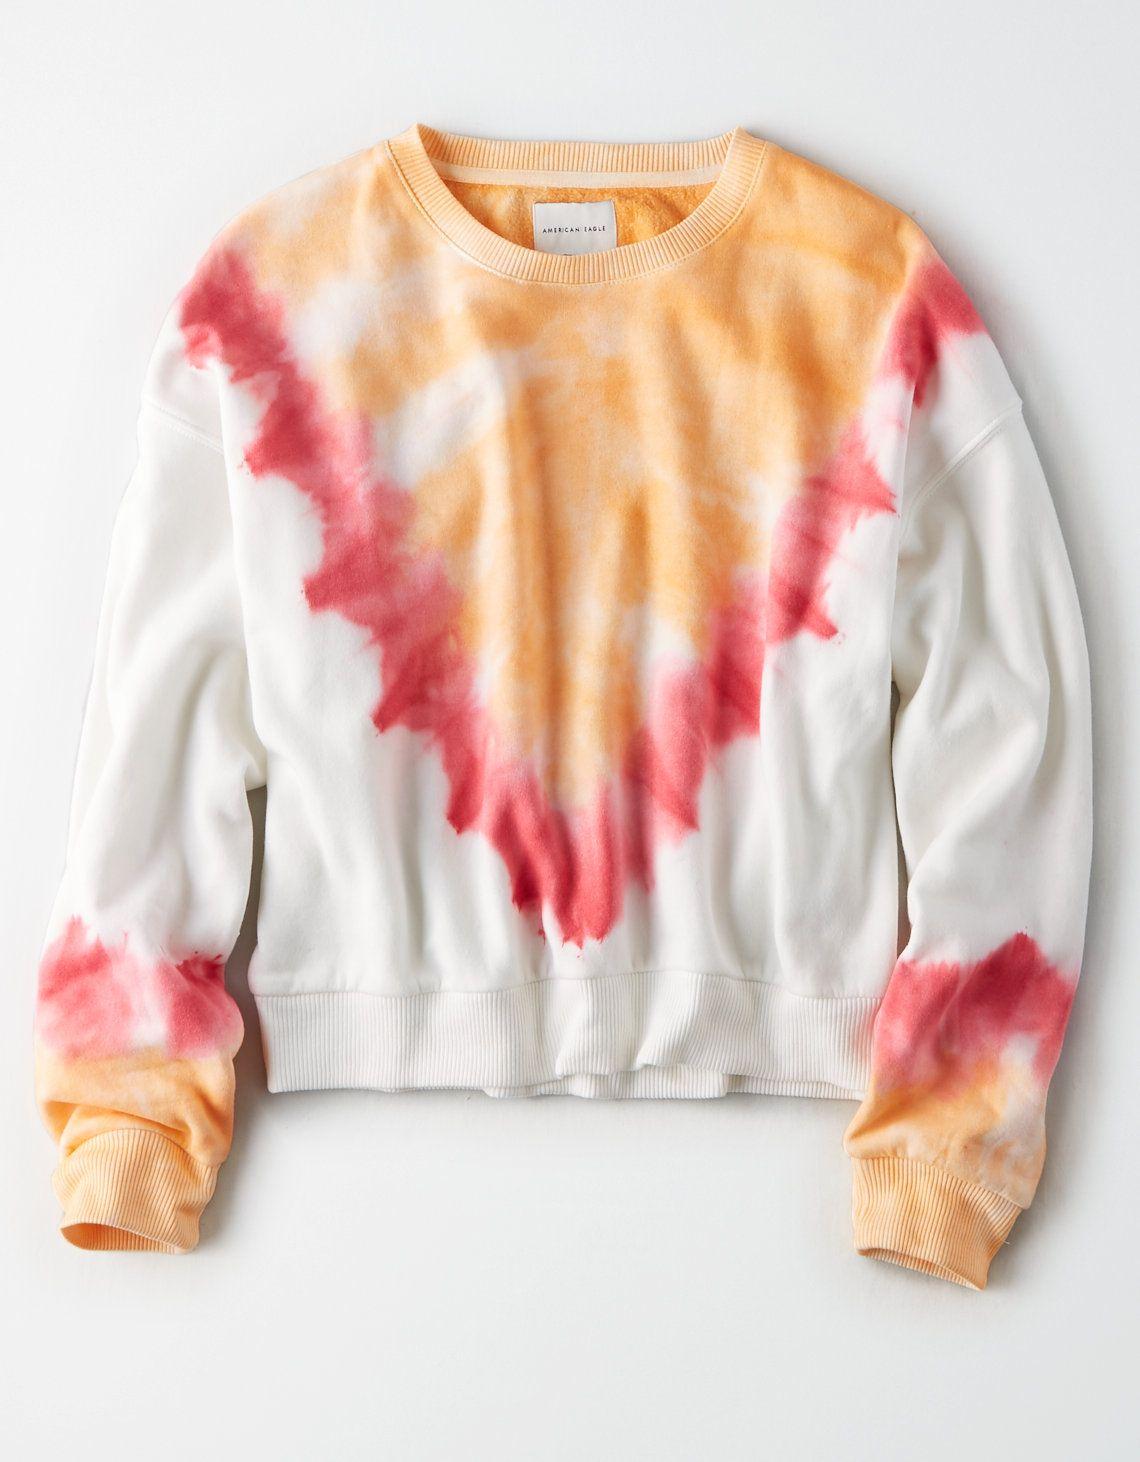 Ae Tie Dye Crew Neck Sweatshirt Graphic Crew Neck Sweatshirts Tie Dye Crew Neck Sweatshirt [ 1462 x 1140 Pixel ]